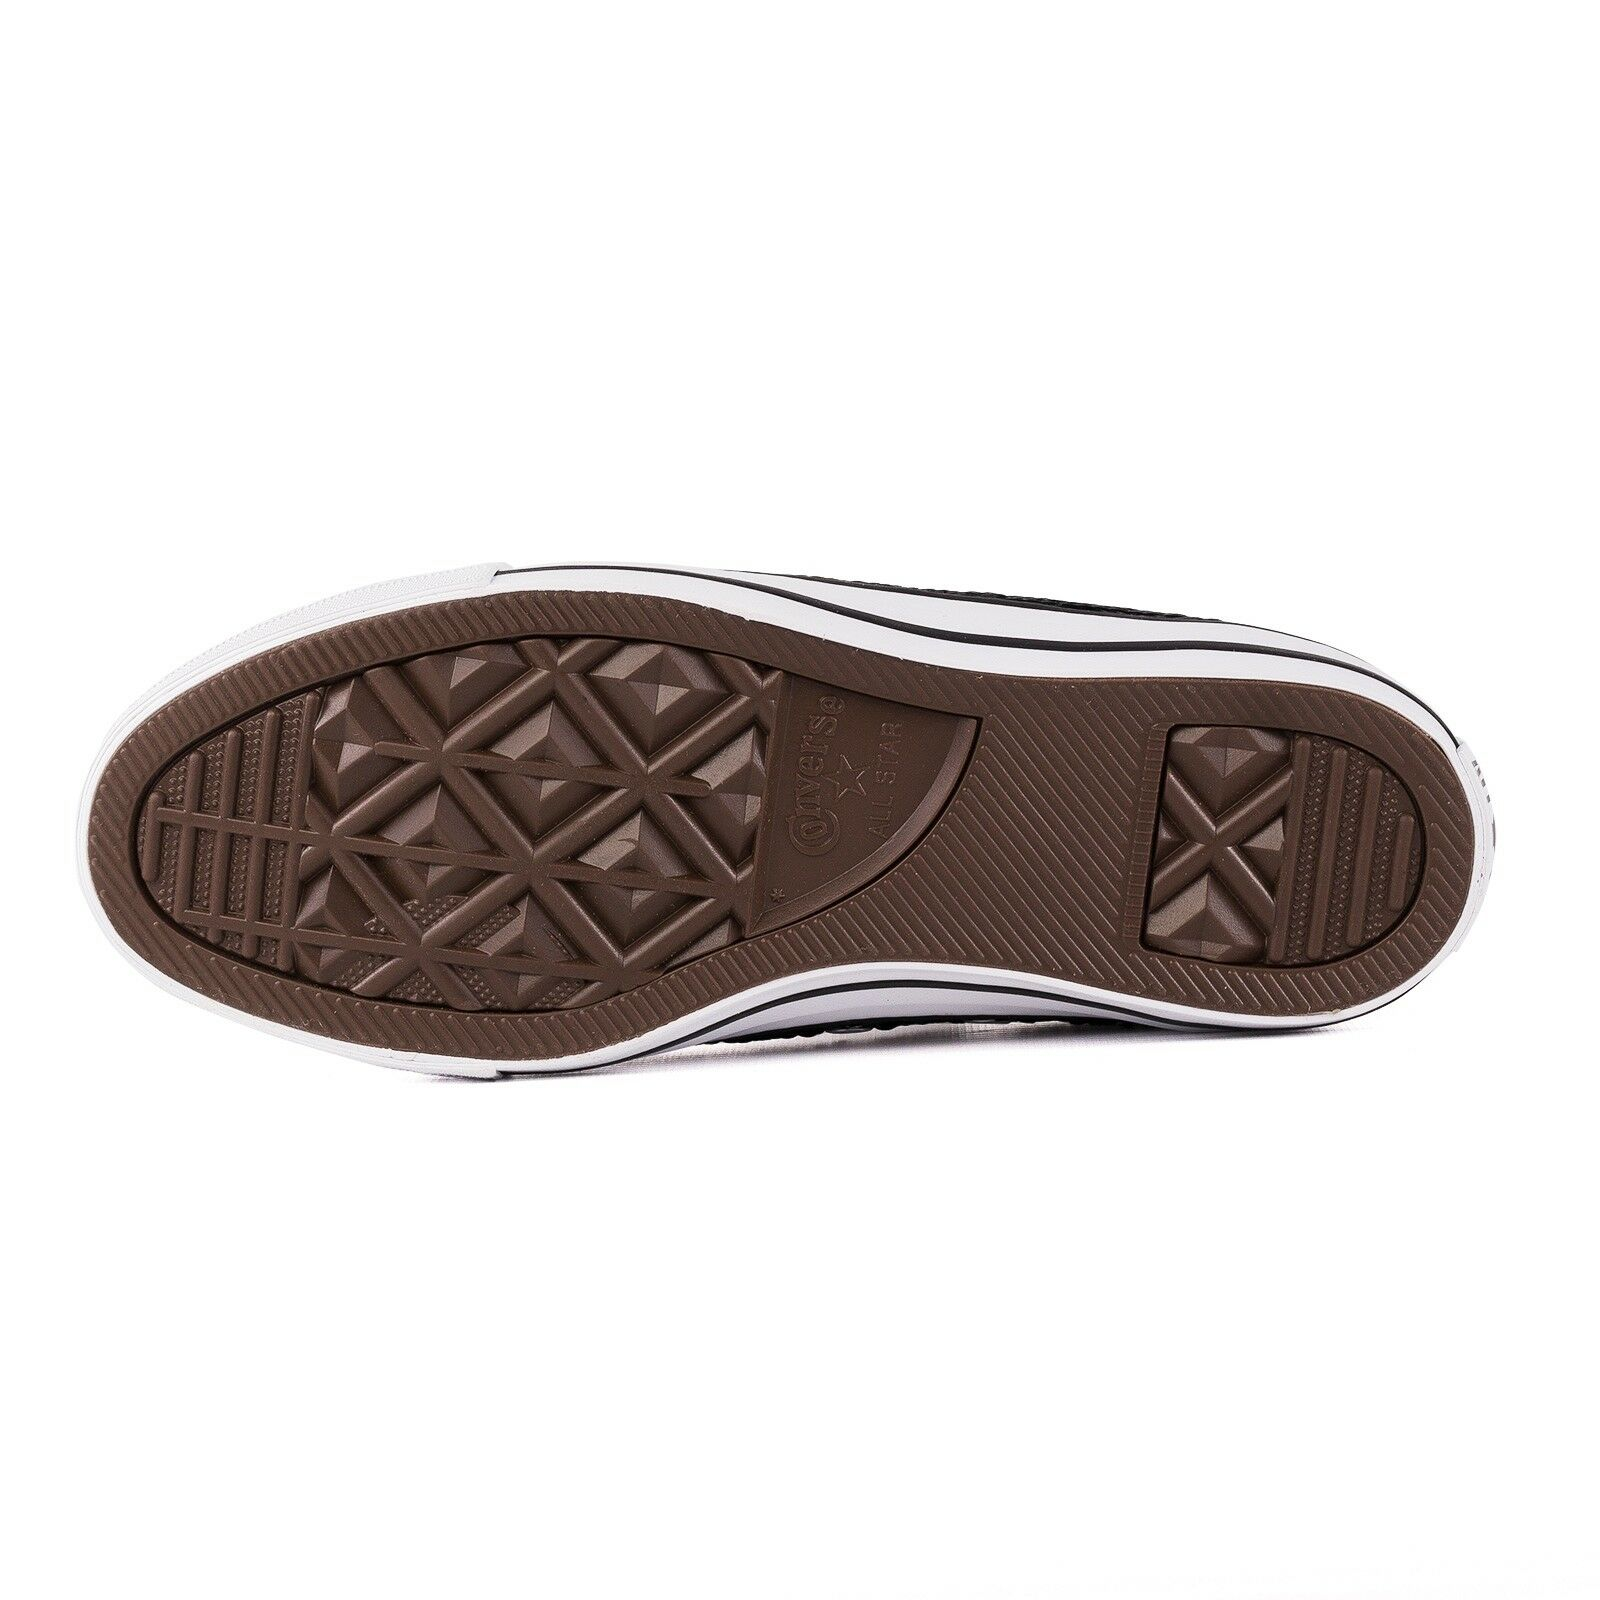 Converse Converse Converse ALM OX Scarpe Da Donna Scarpa scarpe da ginnastica Gunmetal bianca 51331 5277b7